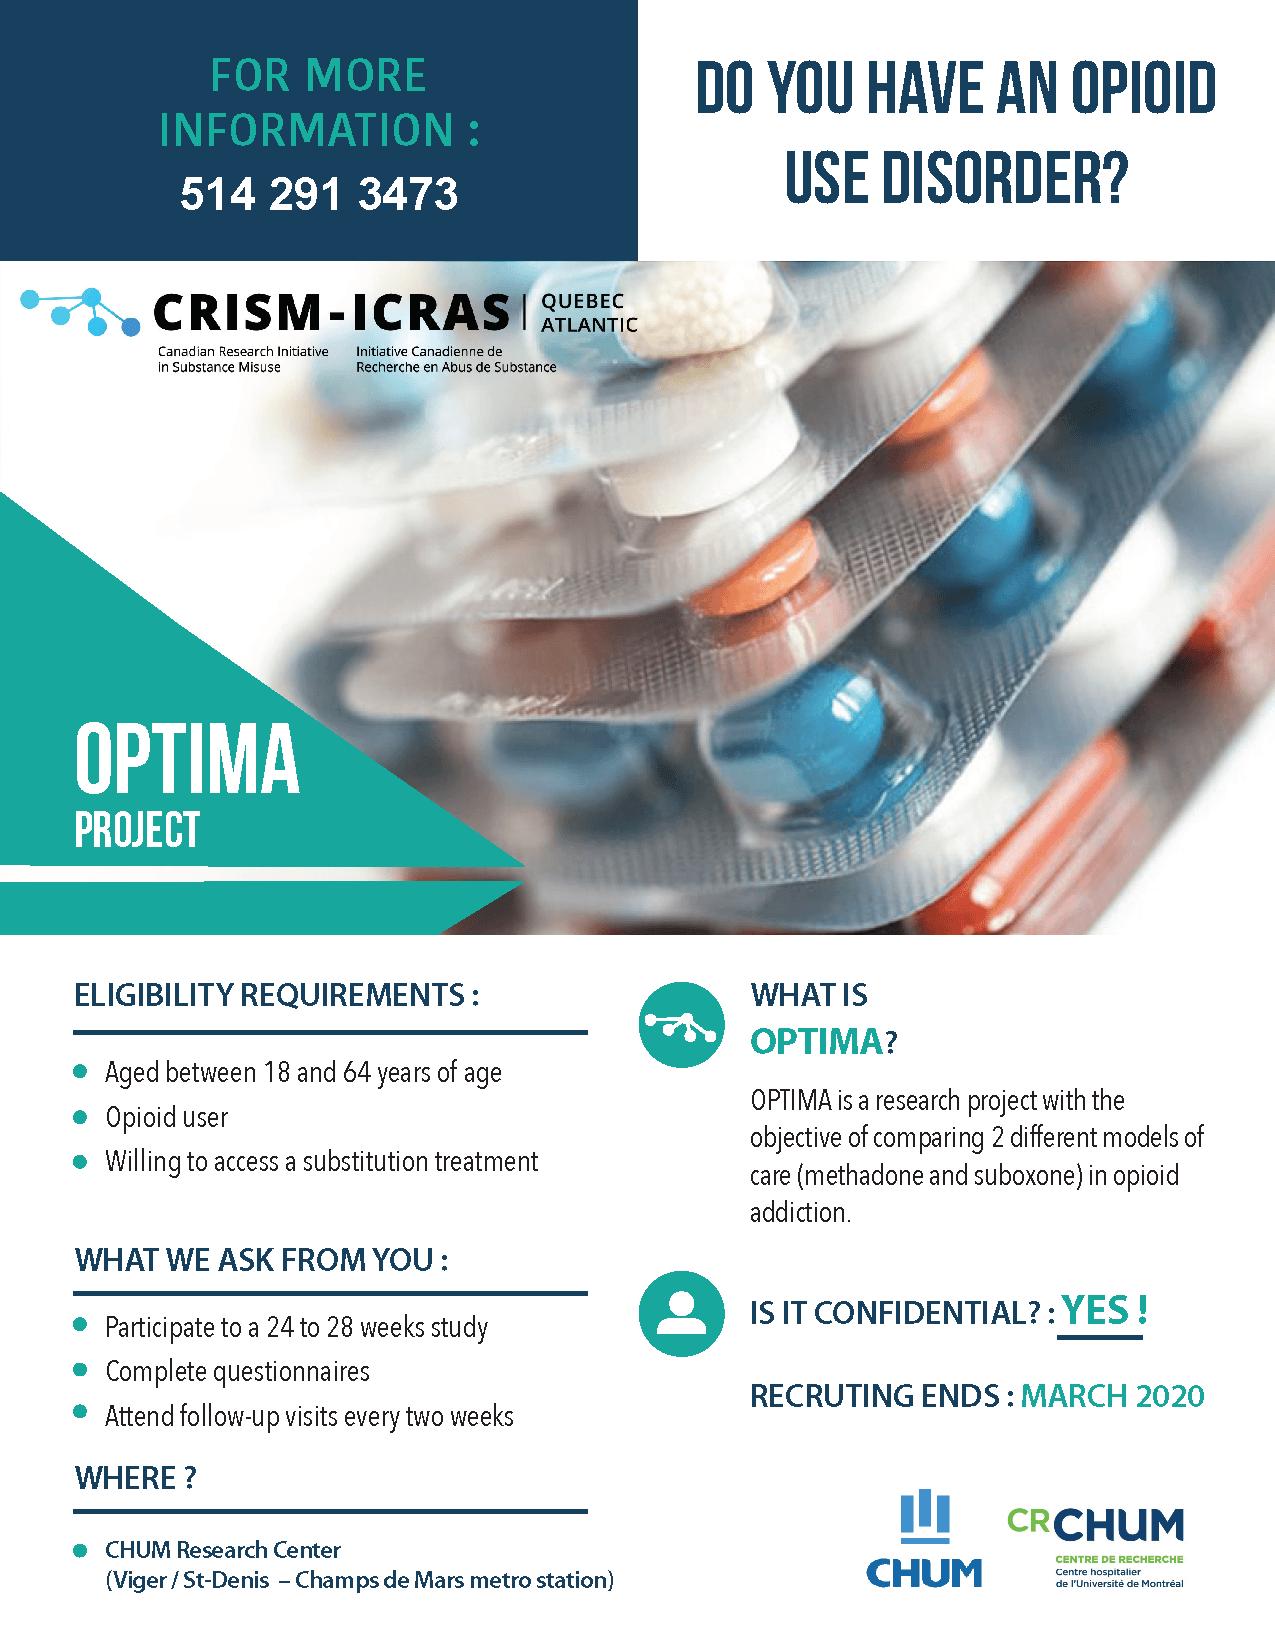 OPTIMA Trial - CRISM